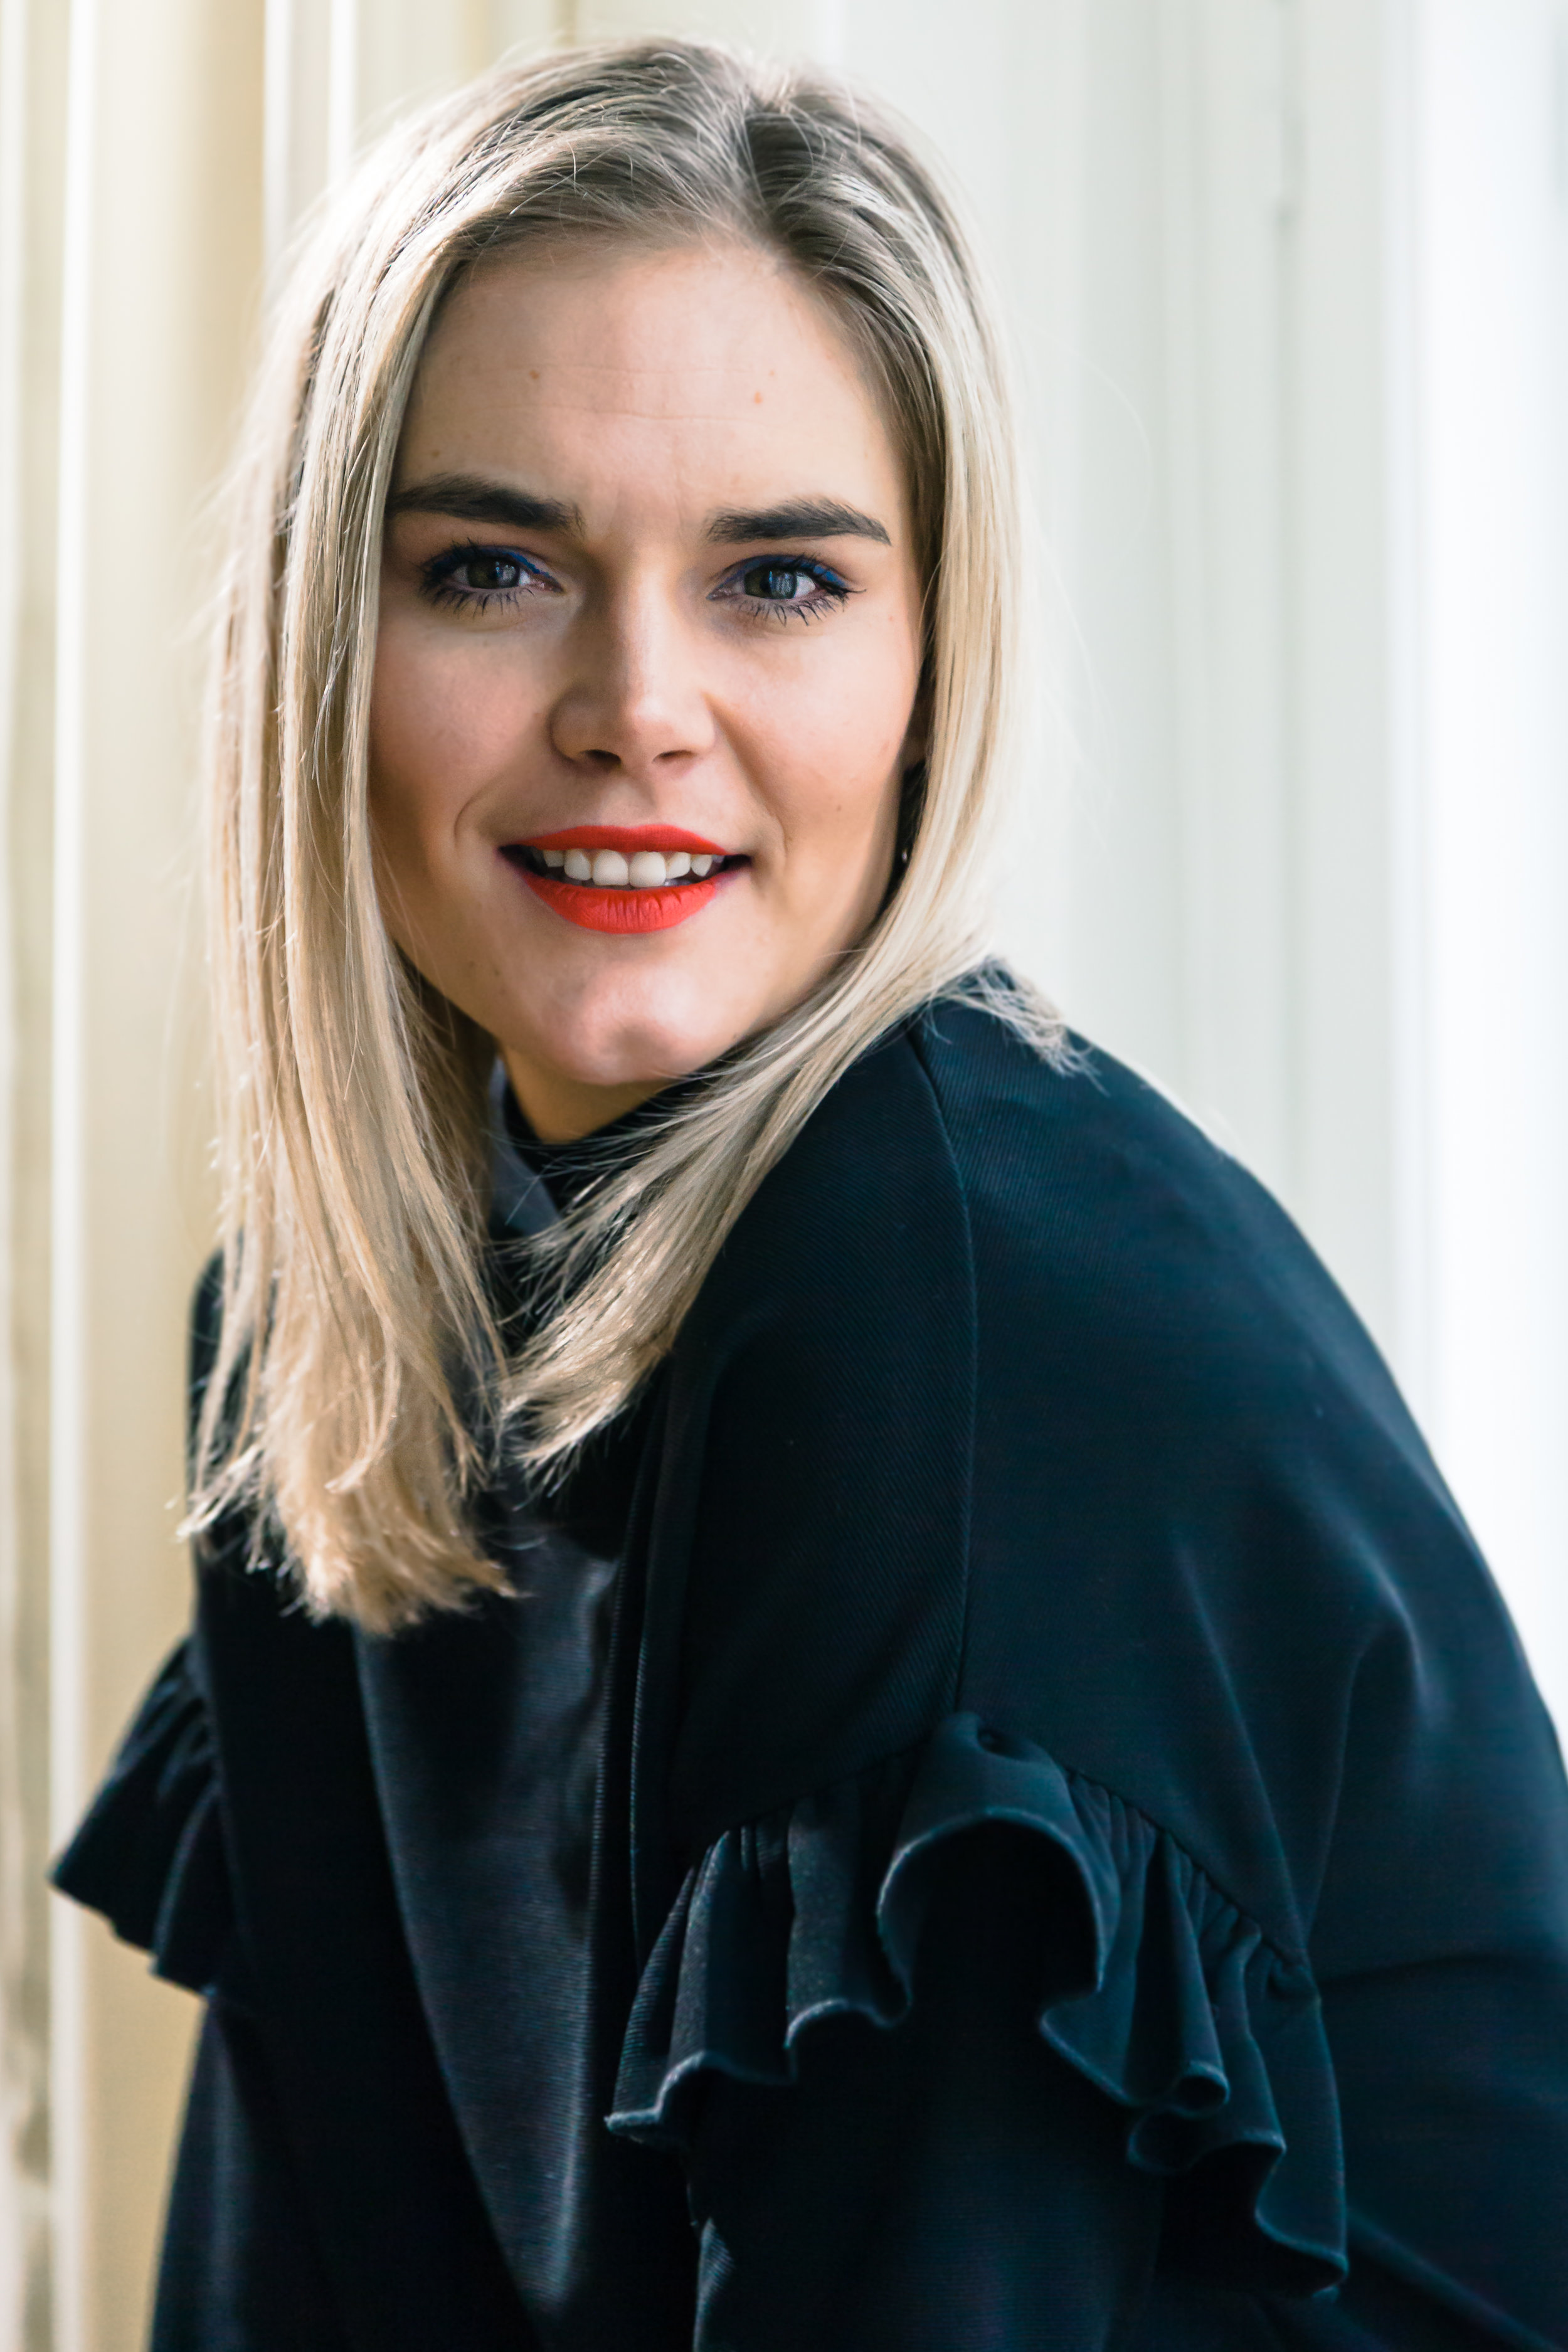 Marja Kihlström  on erityistason seksuaaliterapeutti, joka pitää suosittua  Puhu Muru  -blogia. Marjan herkkä ja ymmärtävä tapa puhua seksuaalisuudesta kannustaa lukijoita rakastamaan itseään ja nauttimaan omasta kehostaan.   Arvostelukappaleet ja haastattelut  >  heini.salminen@kosmoskirjat.fi    Pressikuvat  >  Kansi   I   Marja Kihlstöm  (kuva: Aleksi Rytkönen)